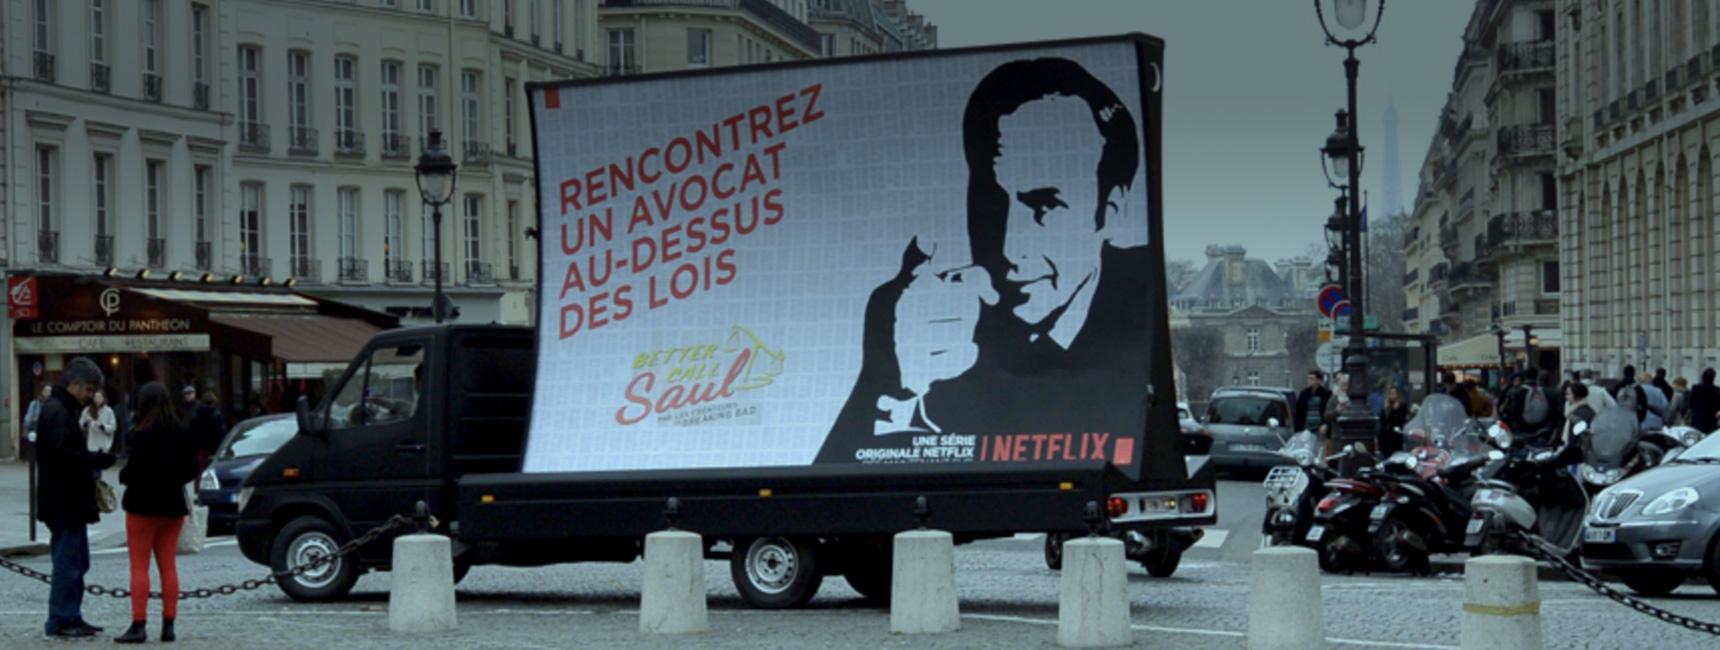 Dispositifs d'affichage mobile - Keemia Toulouse Agence marketing local en région Occitanie